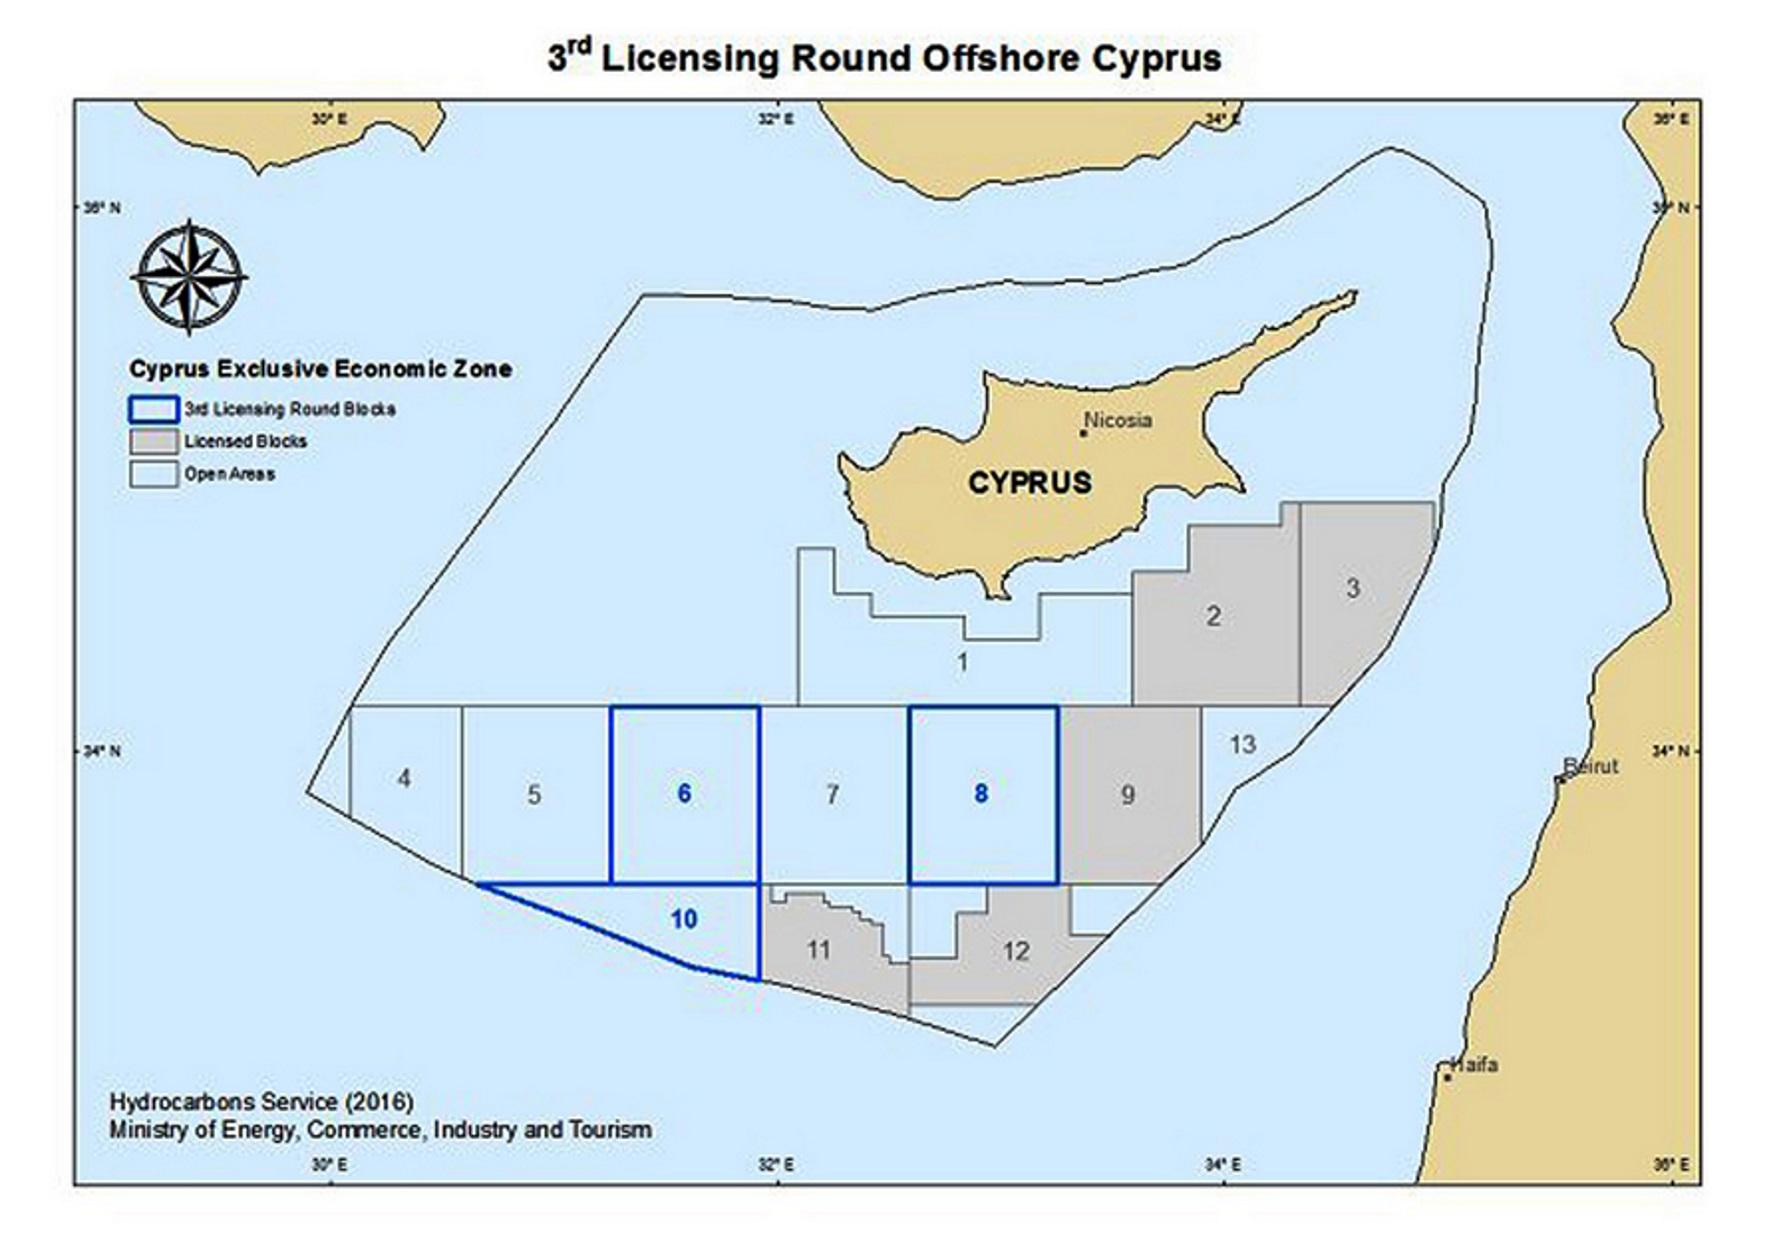 Ανάβει φωτιές σε Αθήνα, Λευκωσία, Βρυξέλλες η «εισβολή» της Τουρκίας στην κυπριακή ΑΟΖ!